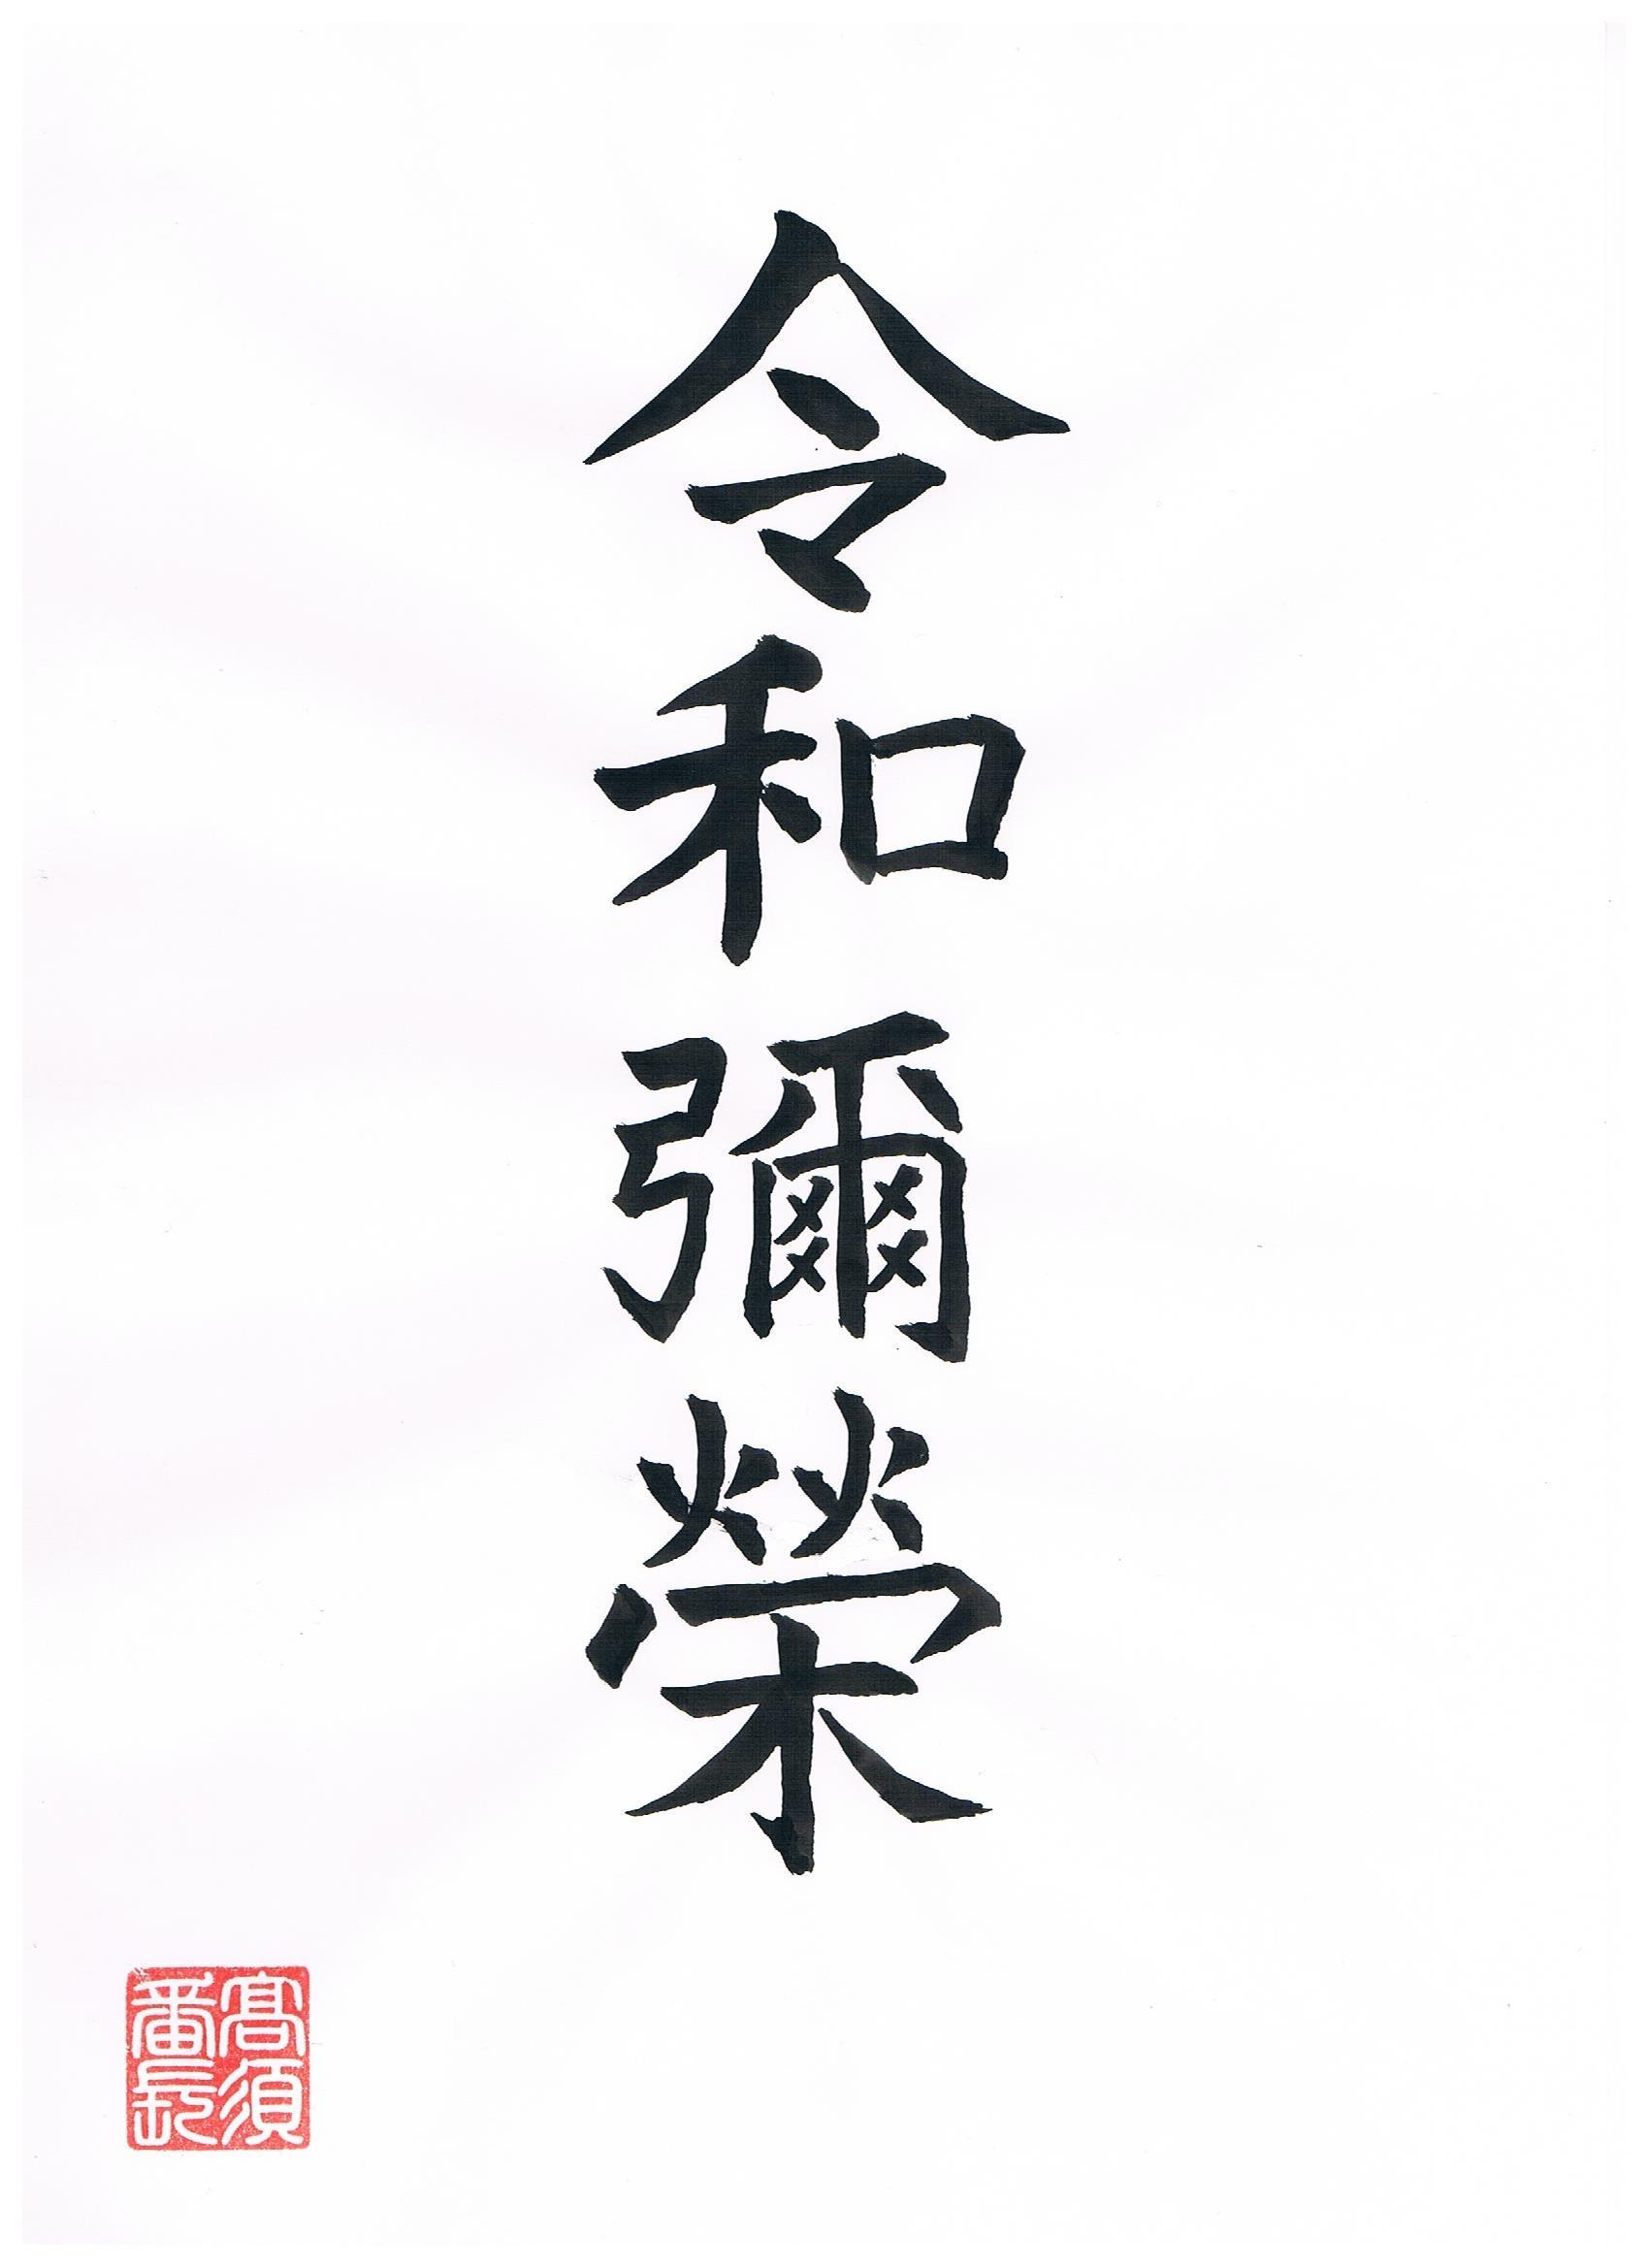 今日の漢字リクエスト2019,38 「令和彌榮(れいわいやさか)」を